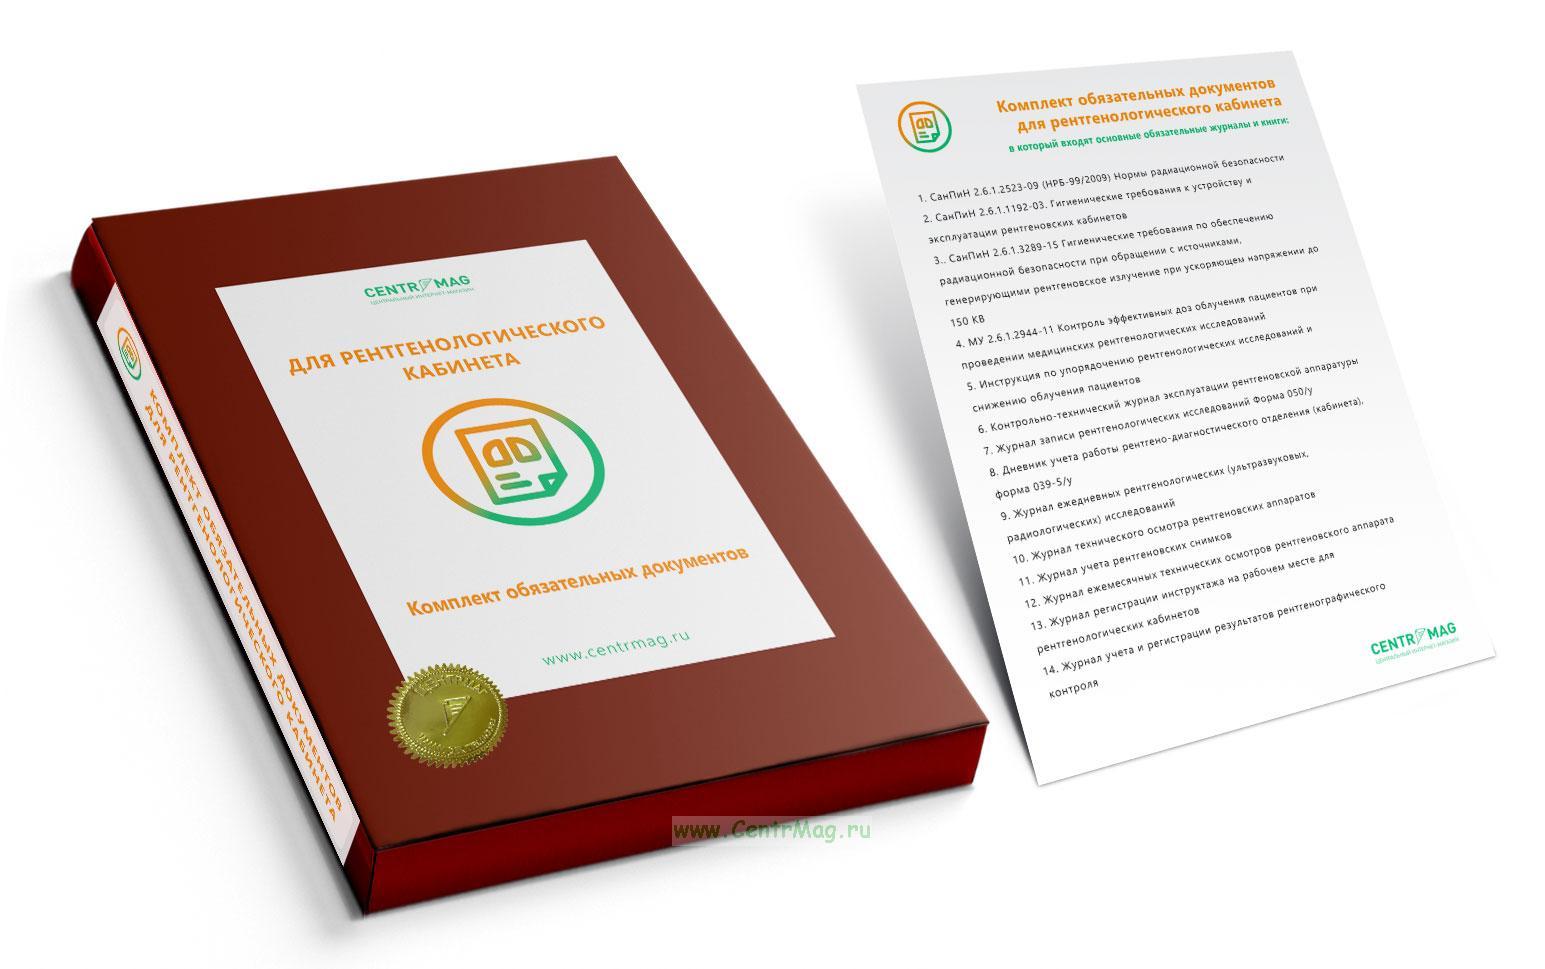 Комплект обязательных документов для рентгенологического кабинета 2019 год. Последняя редакция